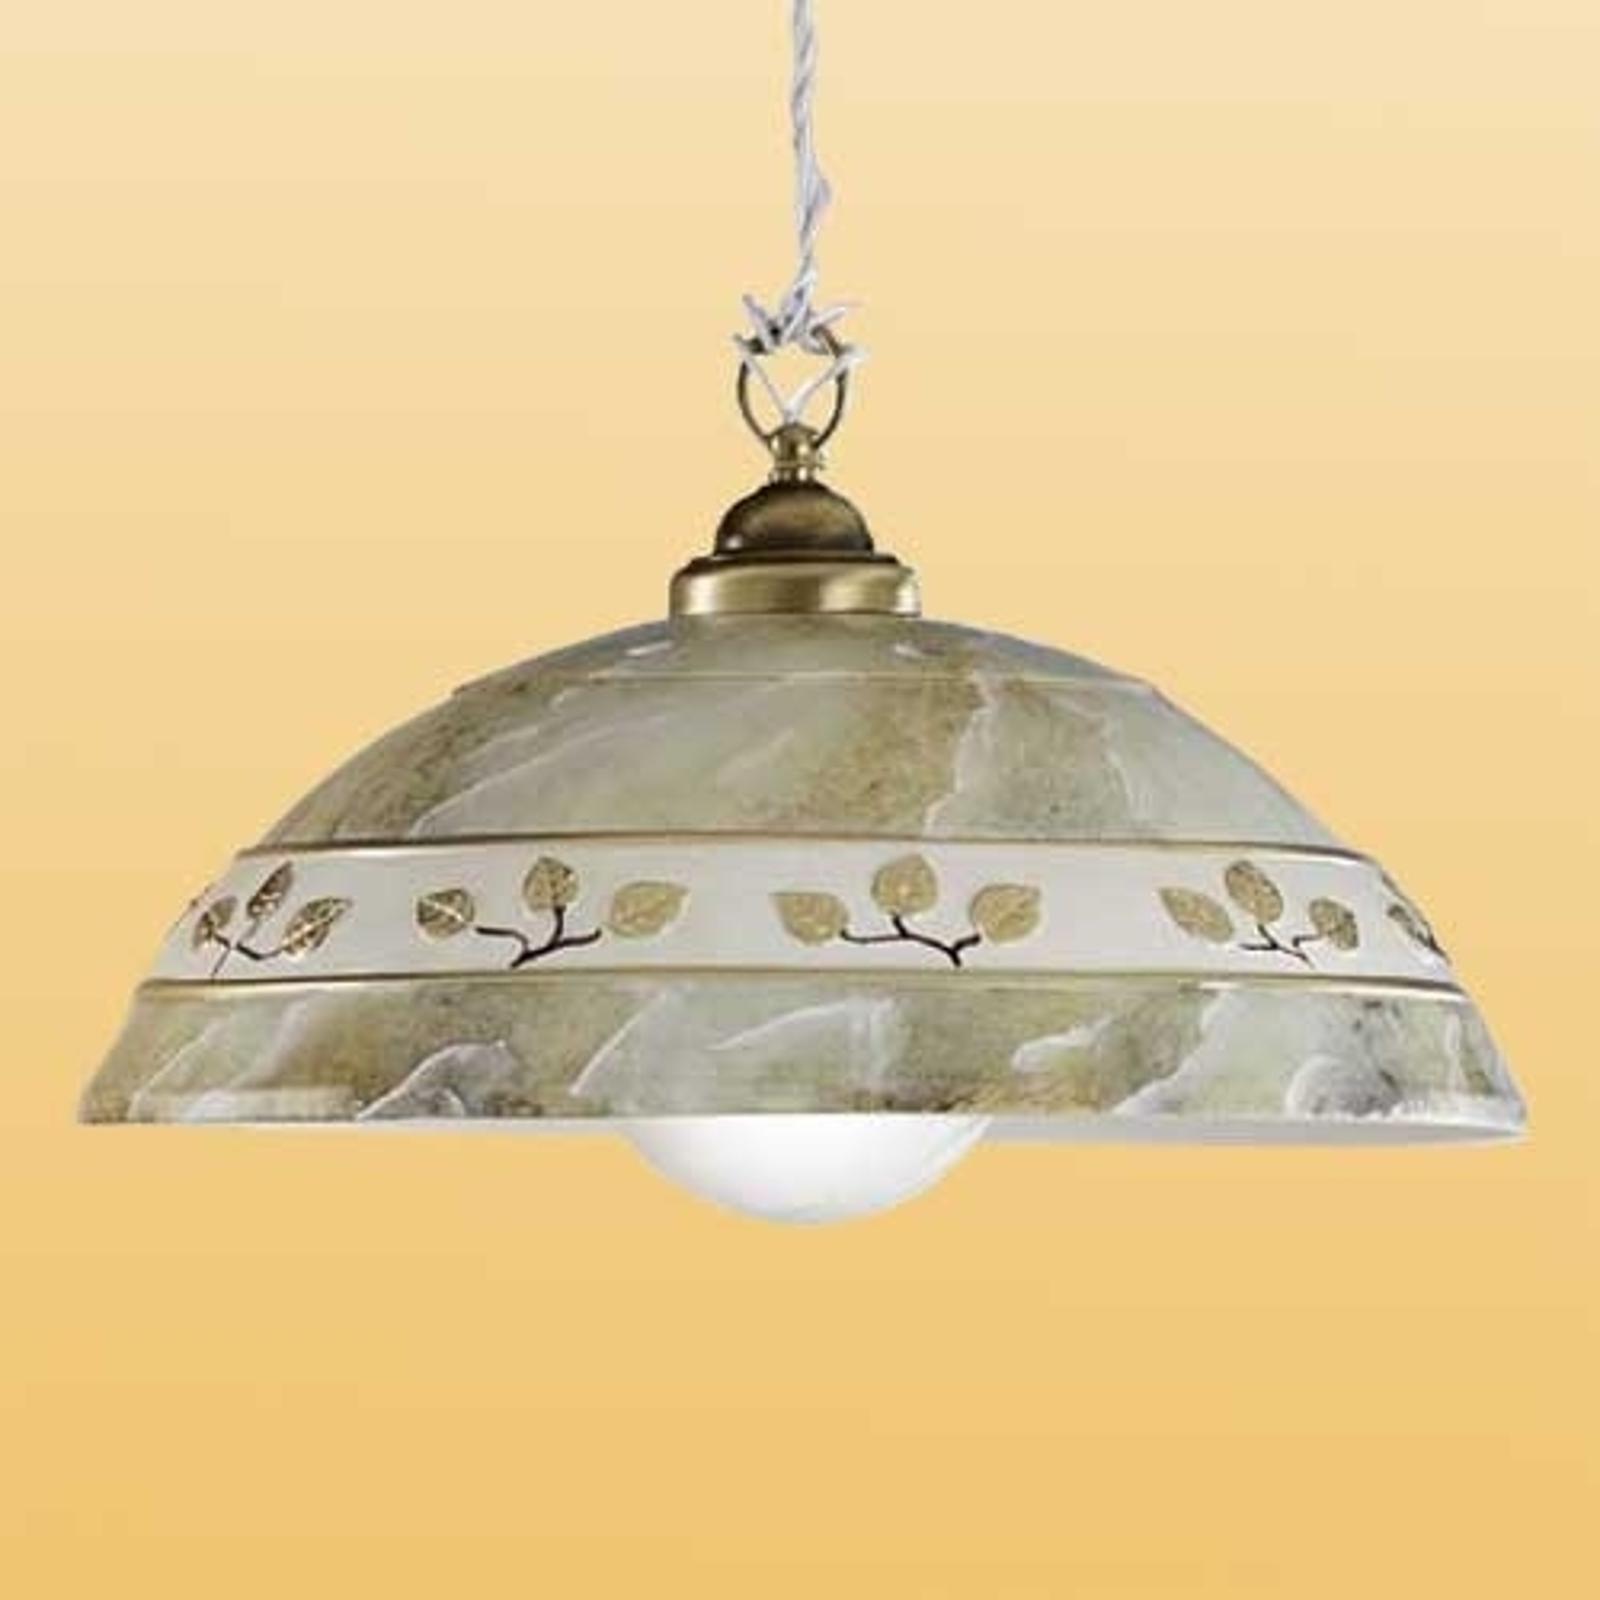 Závesná lampa FOGLIE MARMO MARRON_2013107_1